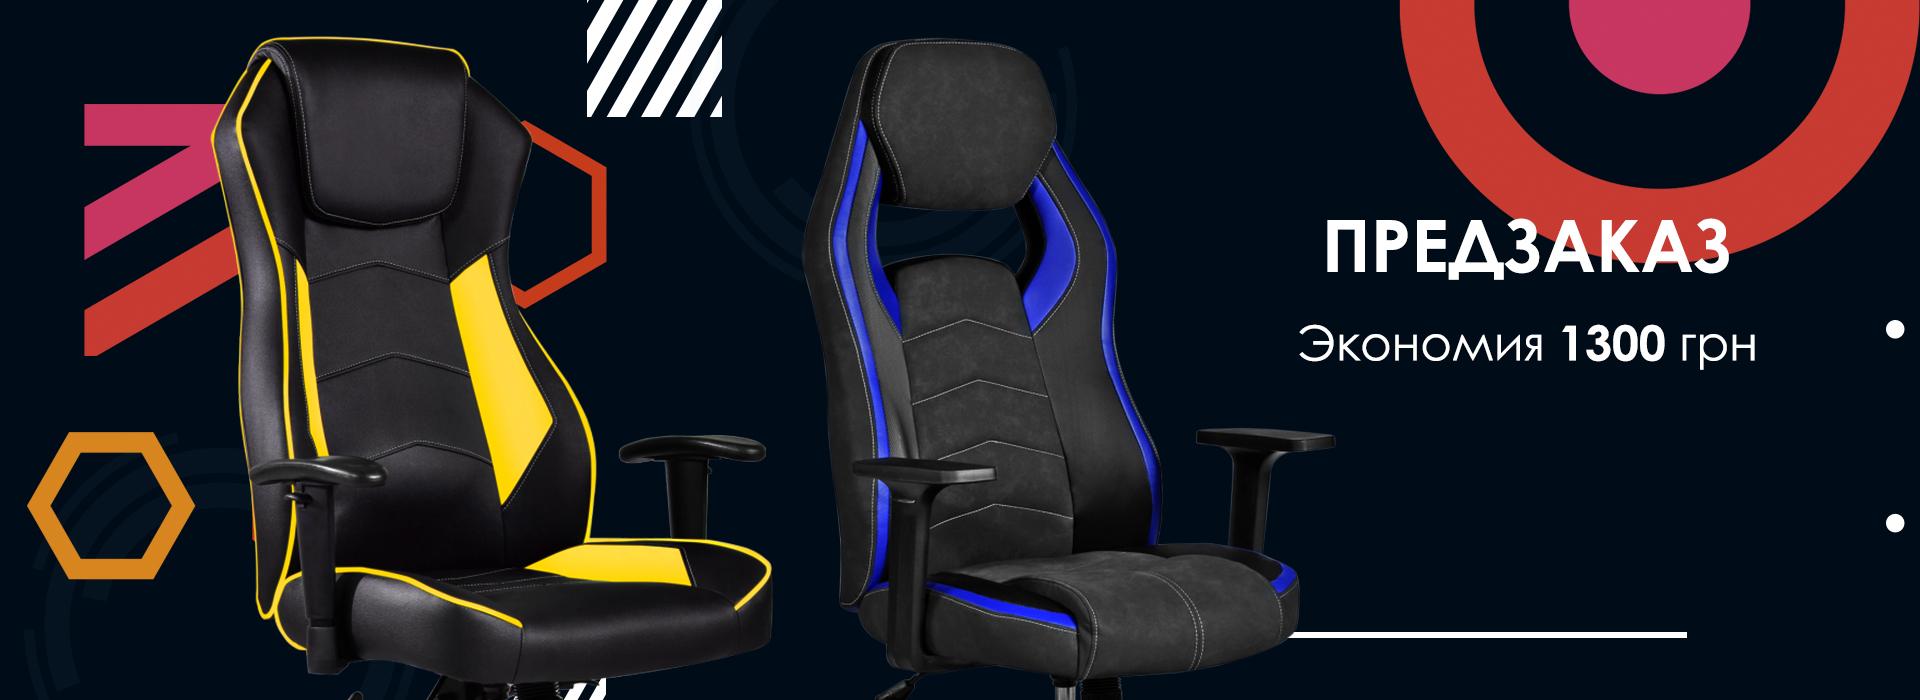 Акция! Предзаказ на новые геймерские кресла Gt Racer!